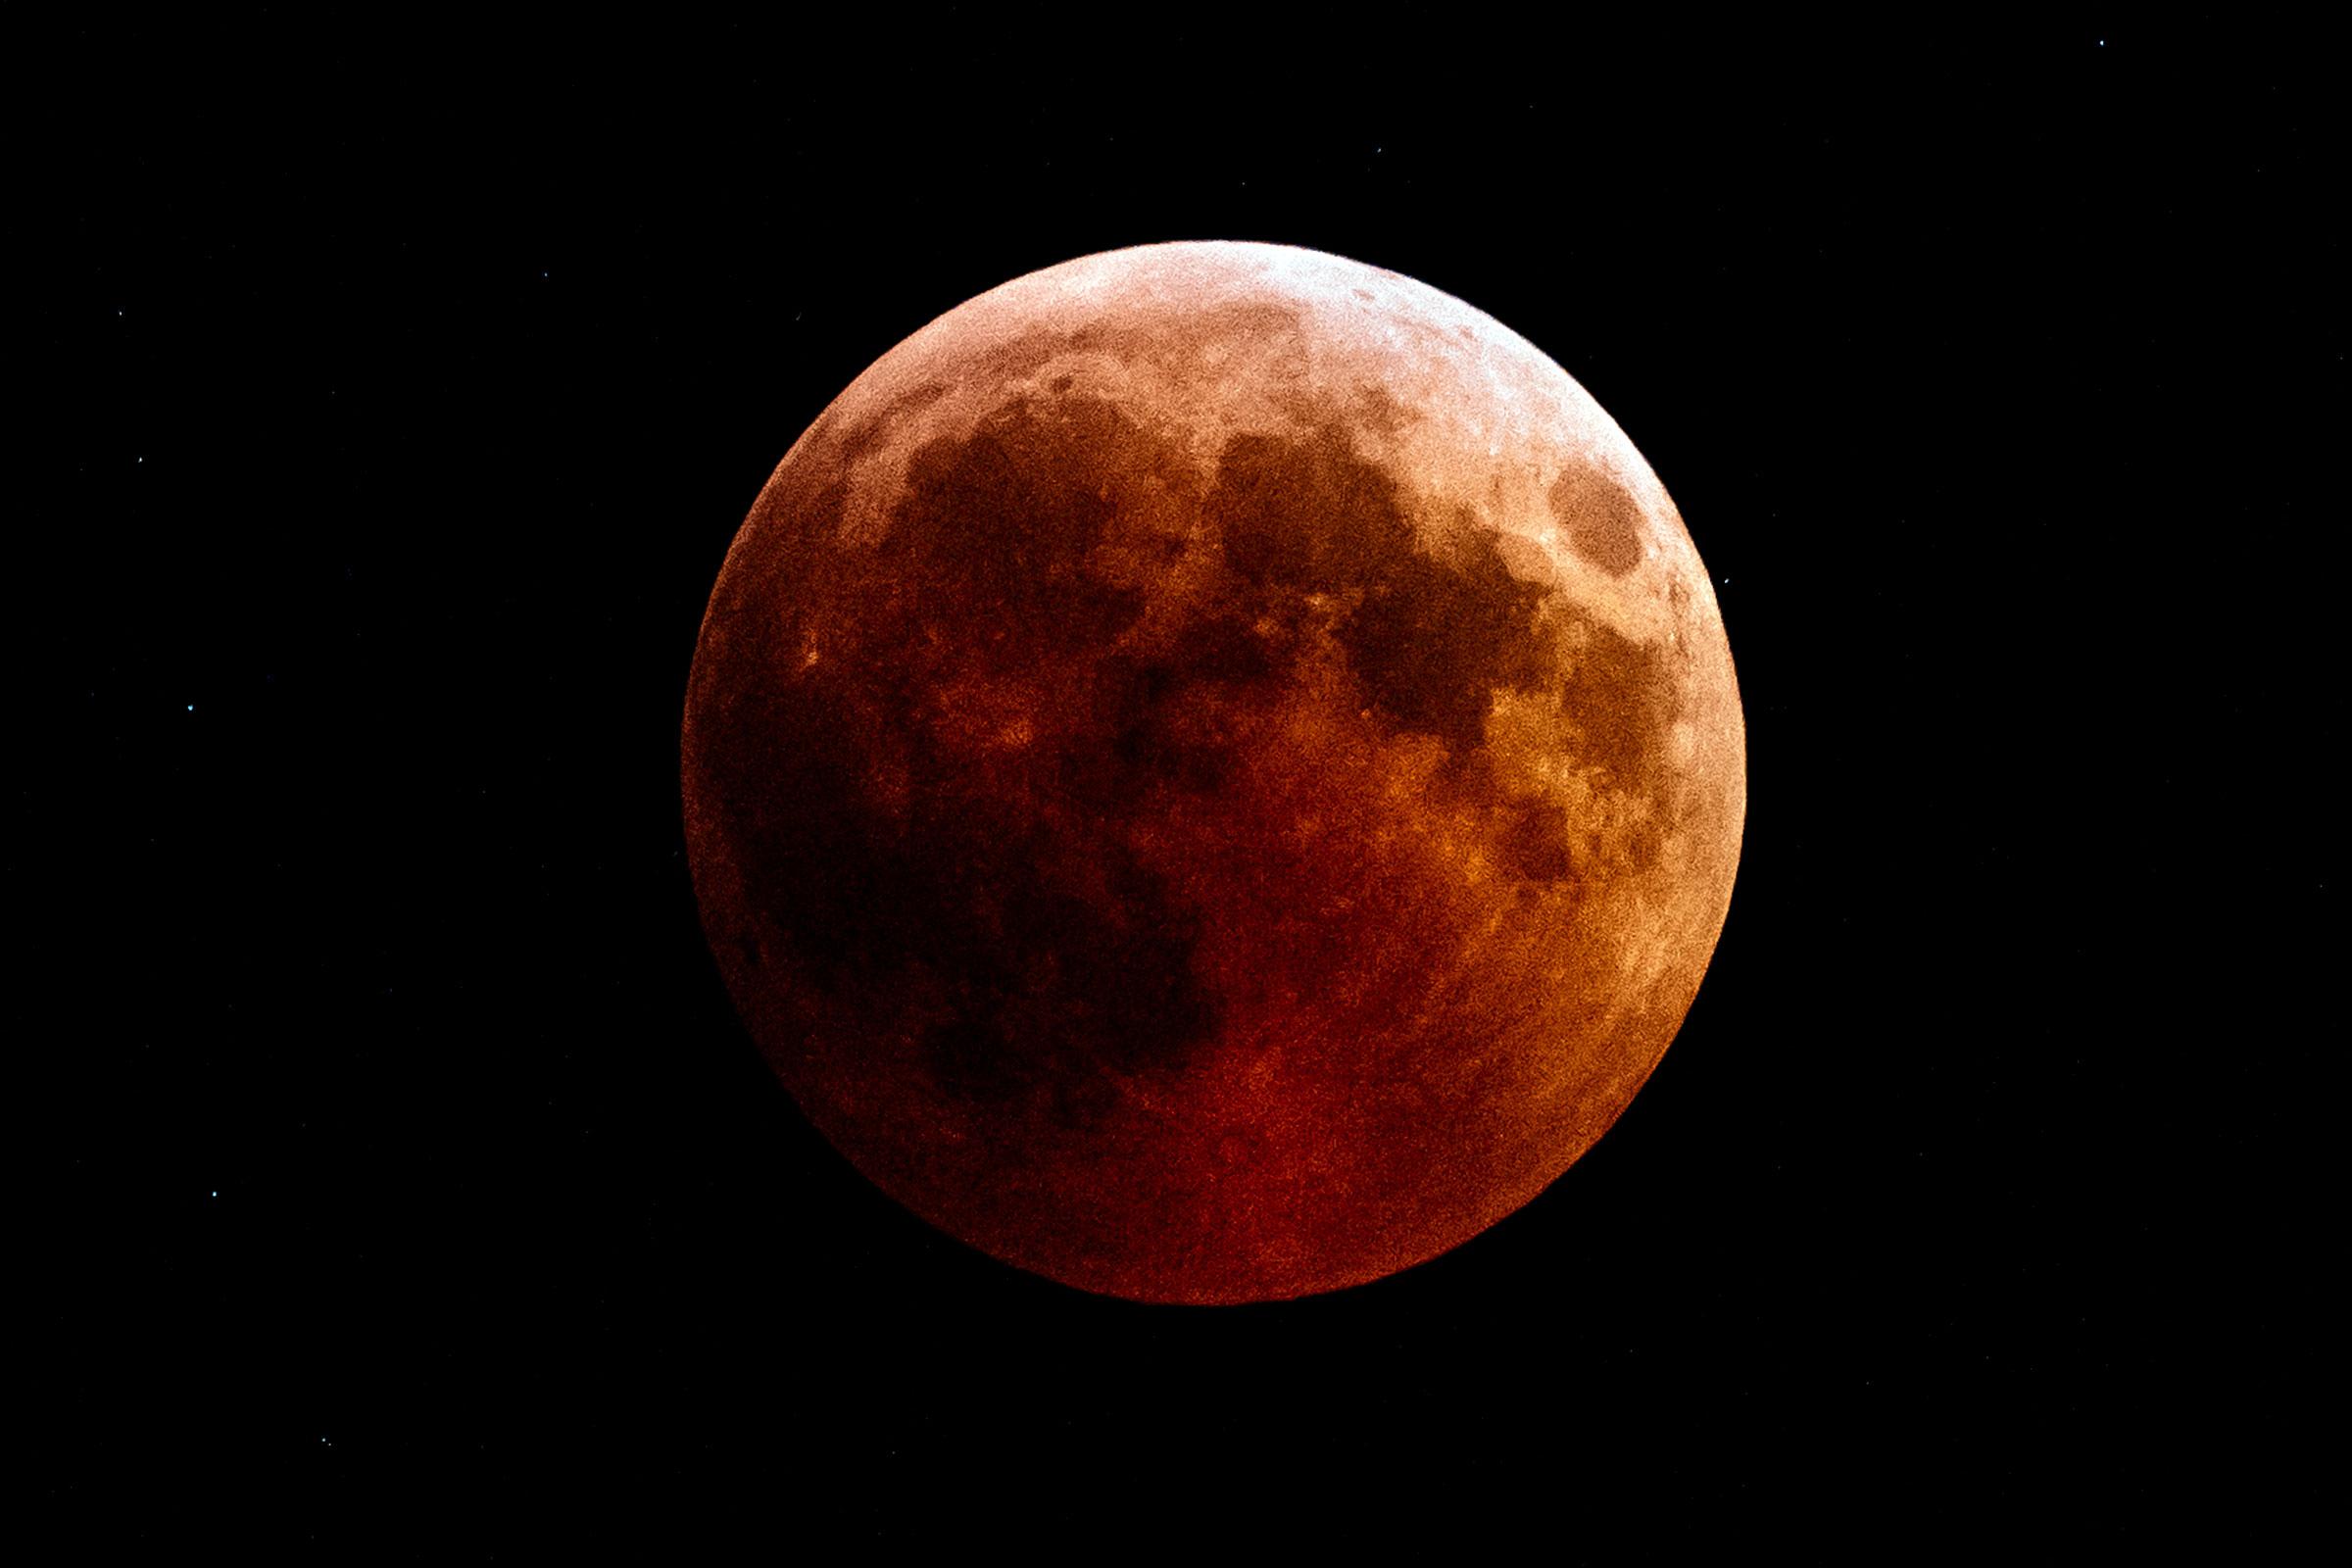 Hình mặt trăng máu cực đẹp